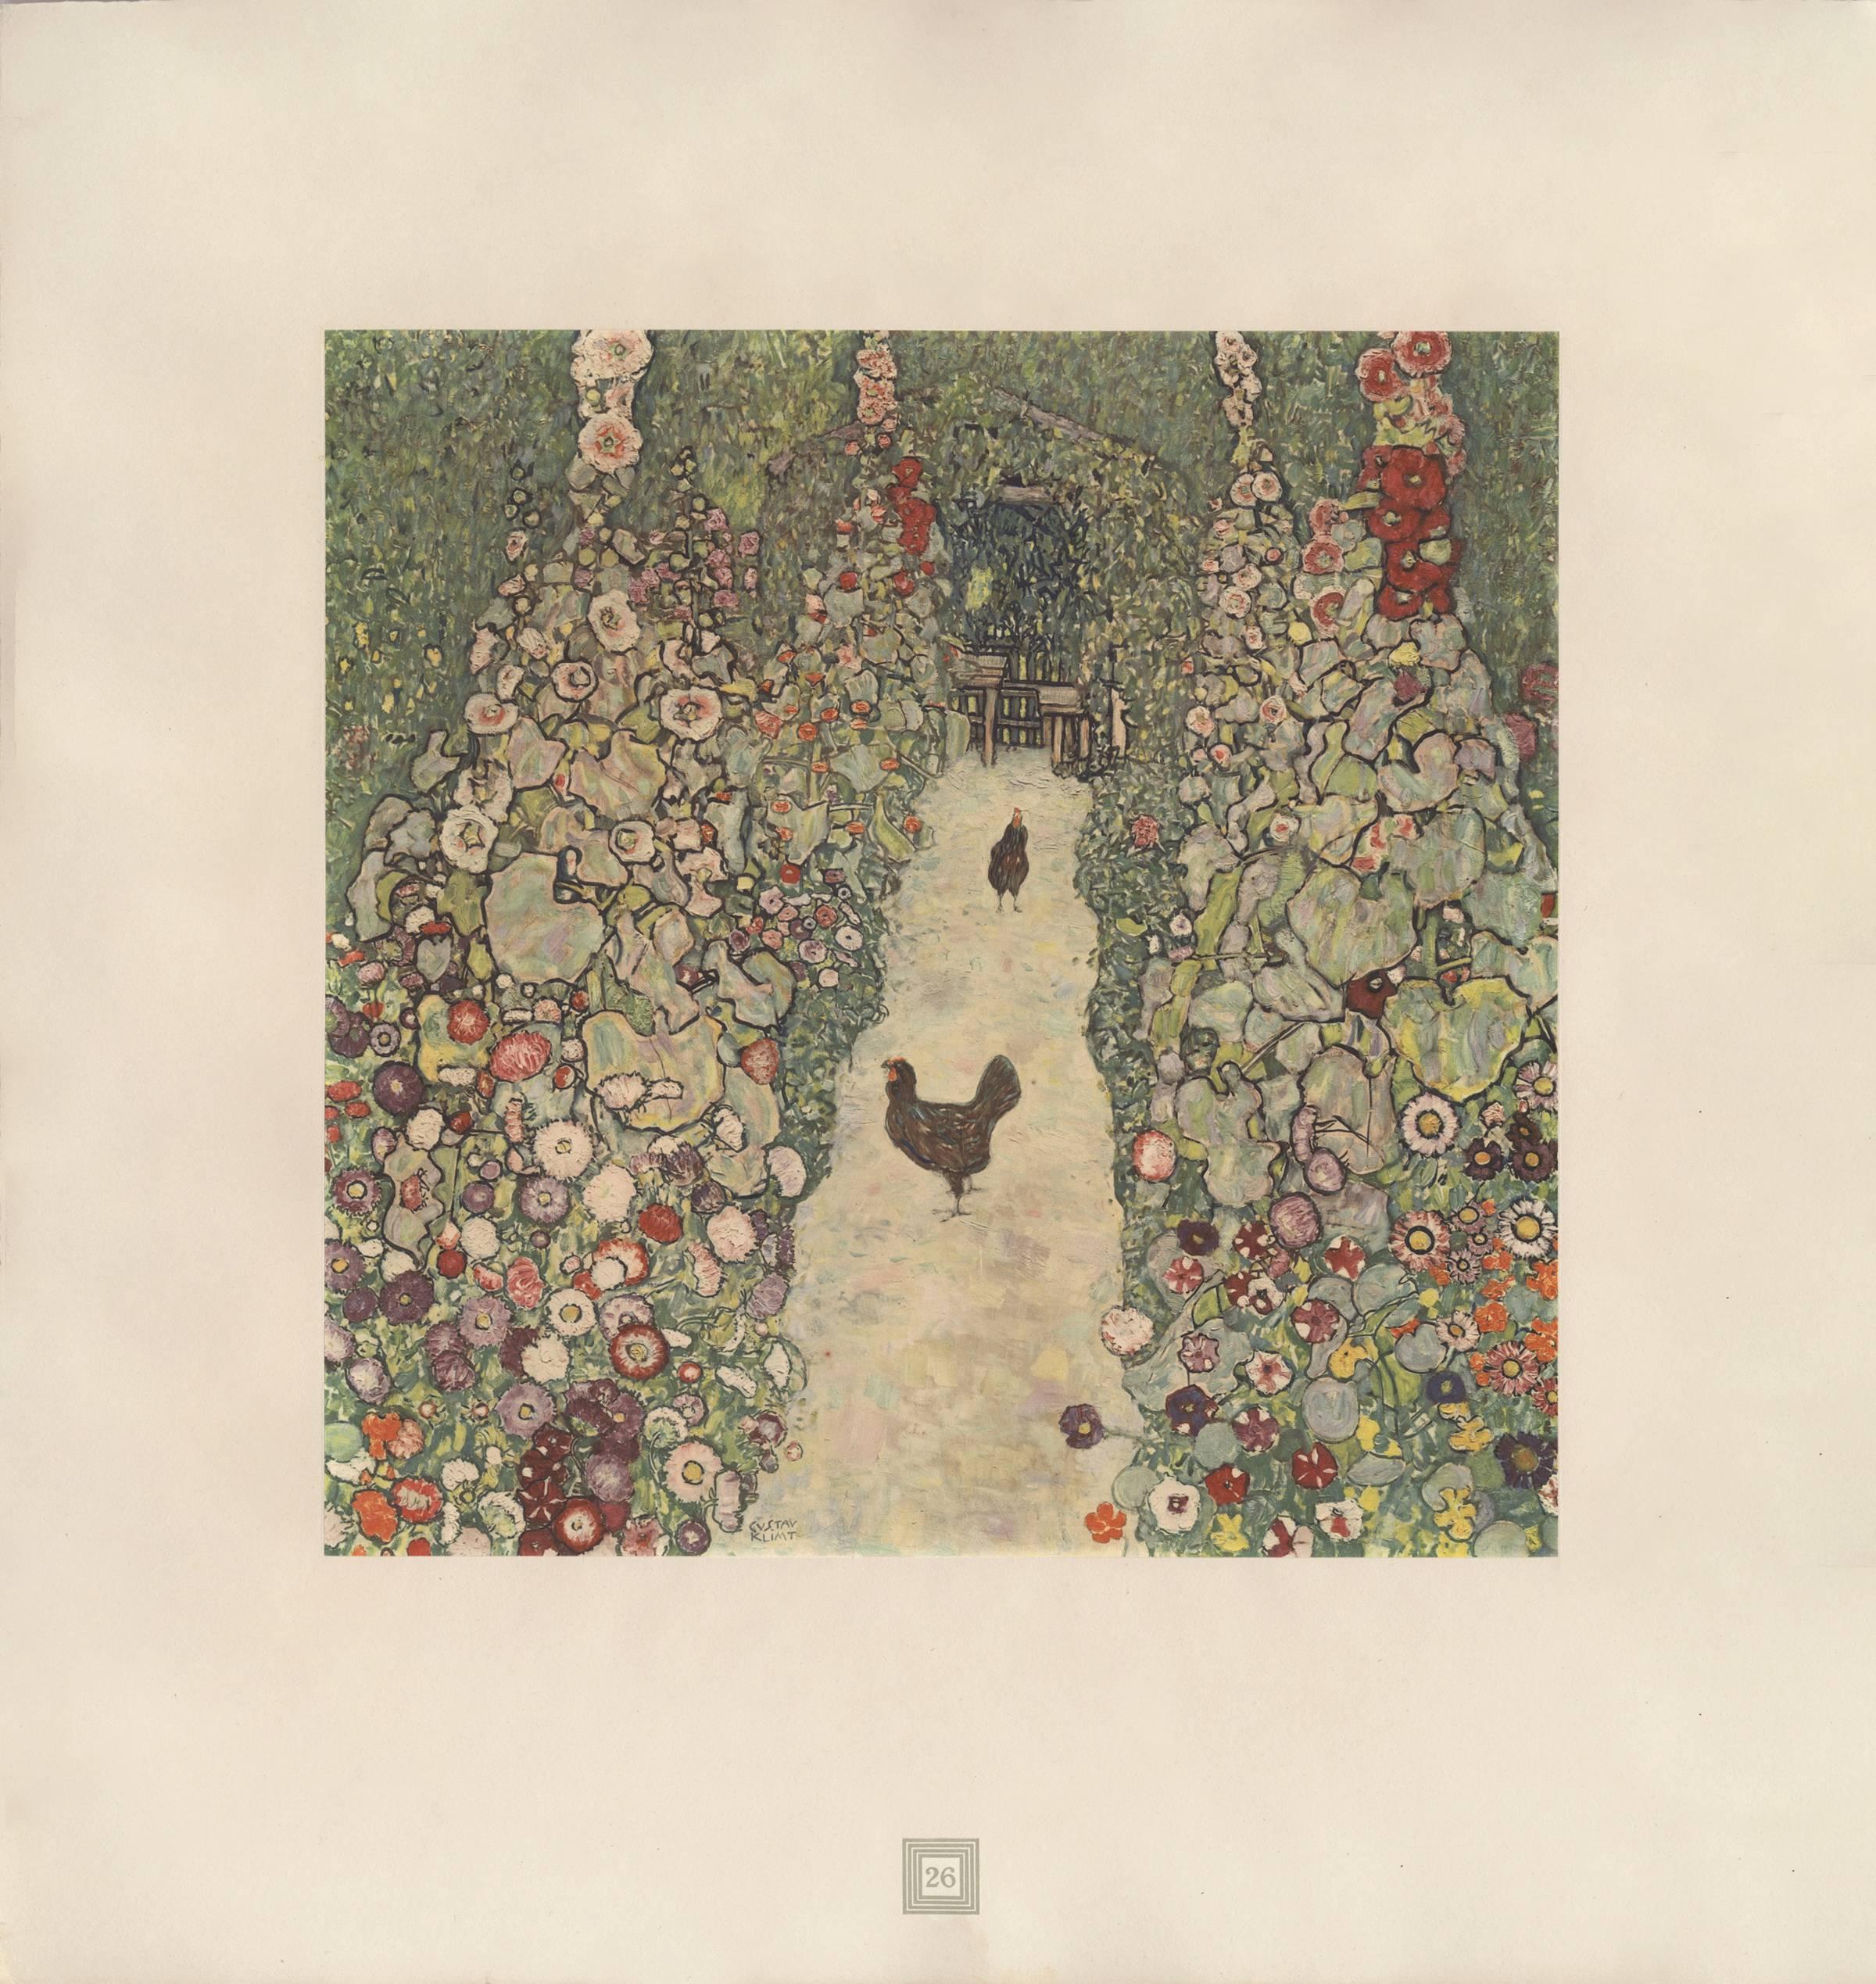 Max Eisler Eine Nachlese Folio U201cGarden Path With Chickensu201d Collotype Print